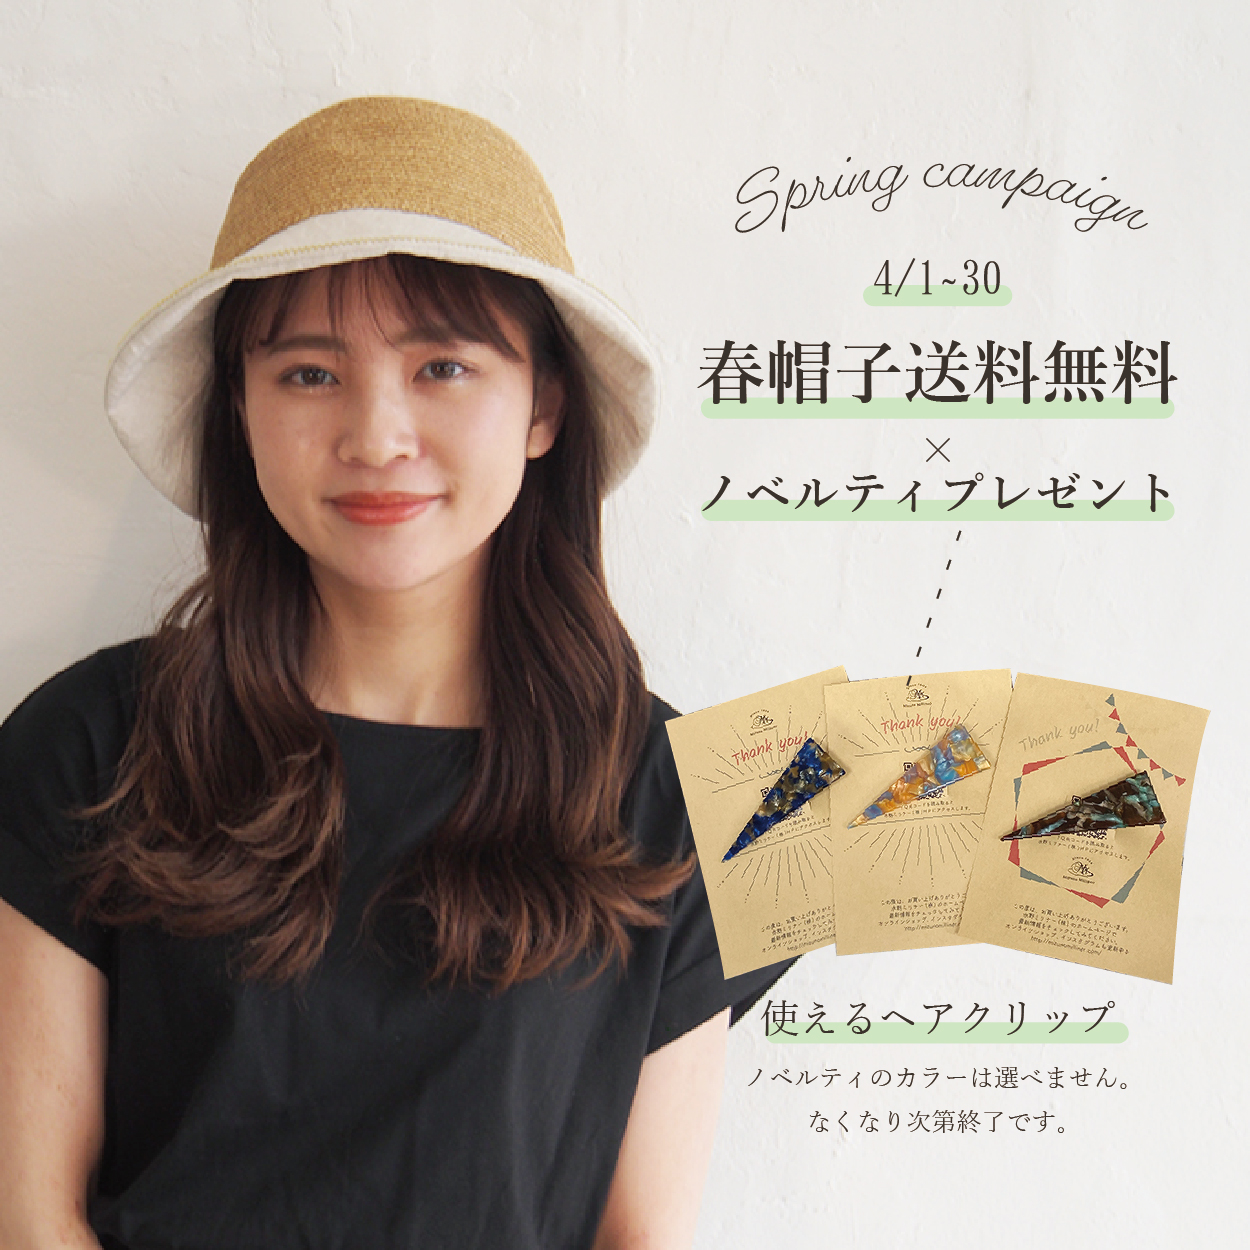 【送料無料&ノベルティ】期間限定、春のトクトクキャンペーン☆